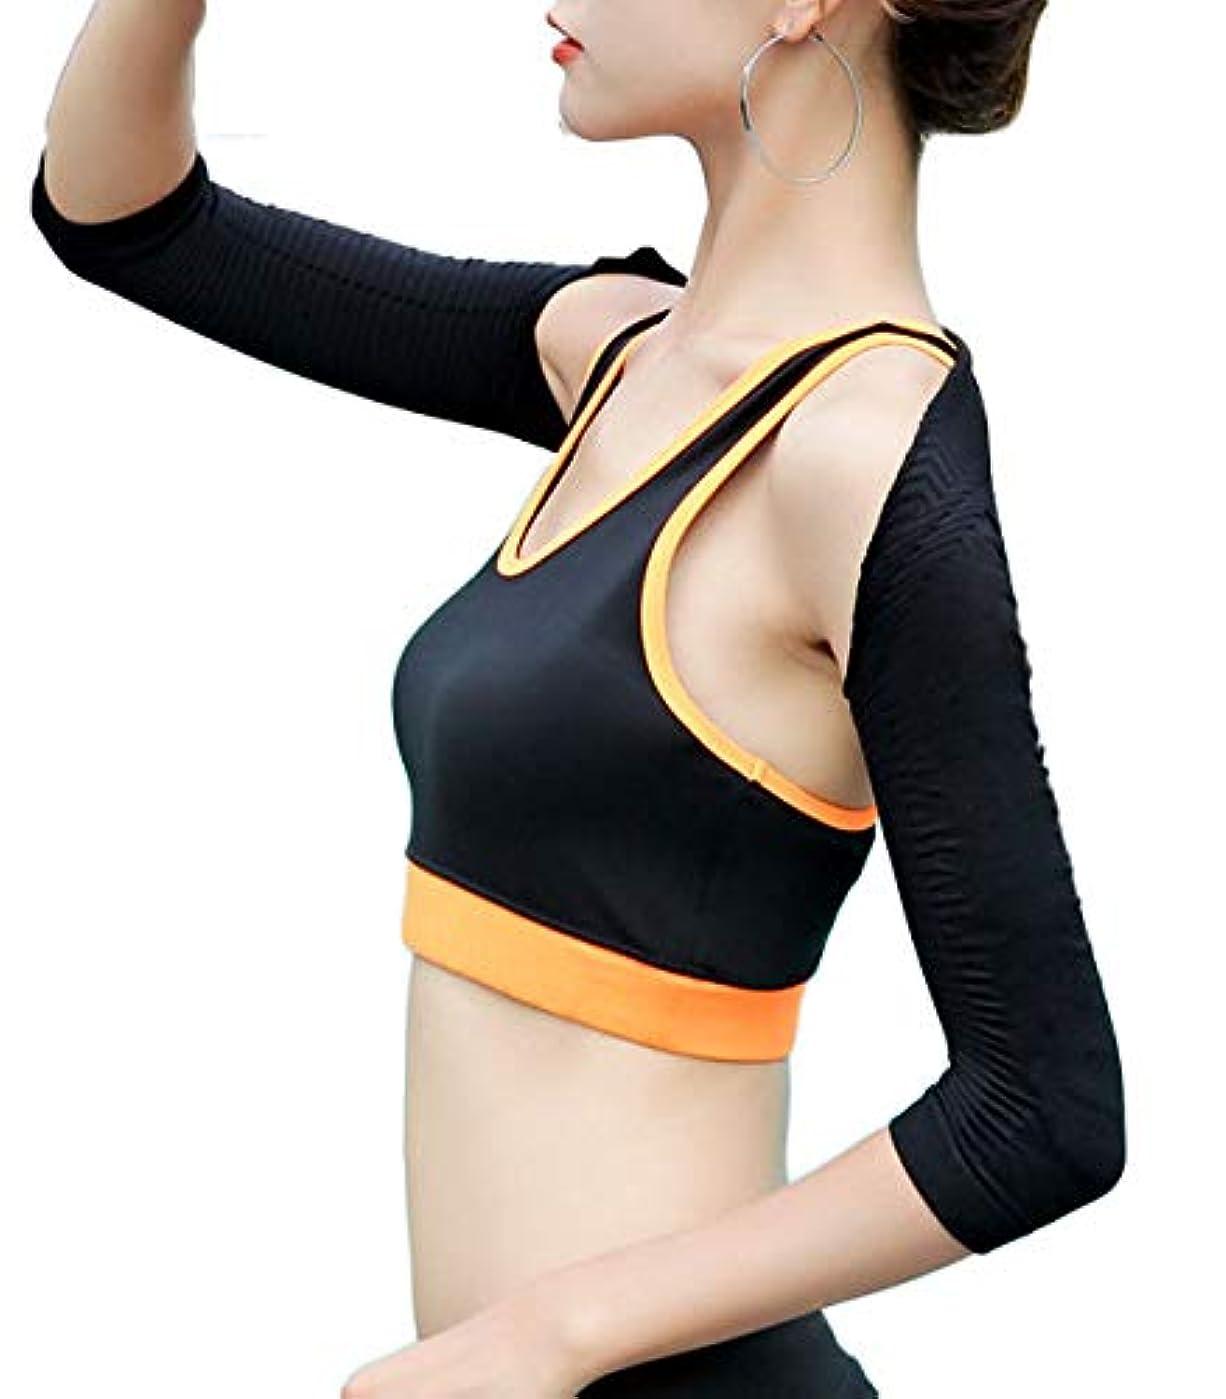 構想する会社テレマコス二の腕 シェイプ 引き締め 加圧 着圧 着瘦せ 姿勢 矯正 補正 インナー 二の腕カバー トレーニング 通勤 ブラック-M